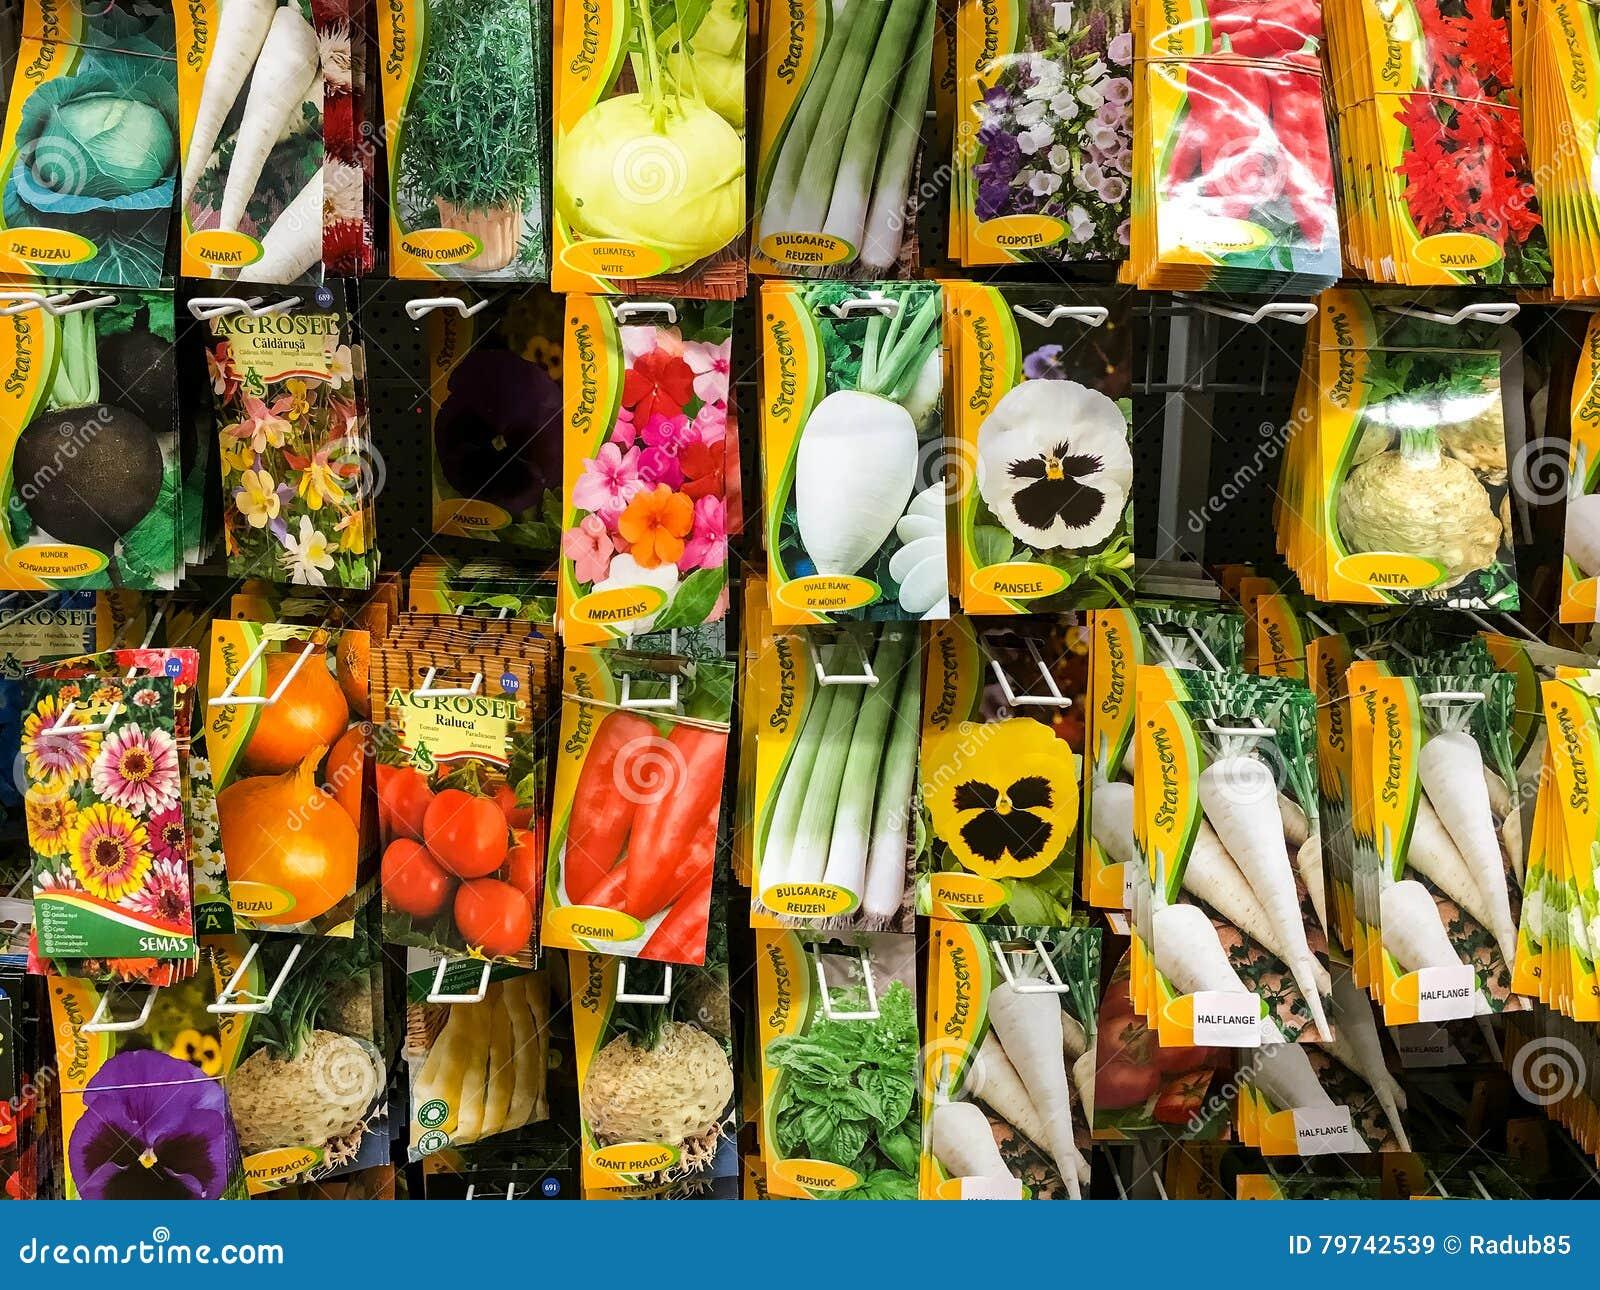 菜植物的农业种子在超级市场立场的销售中